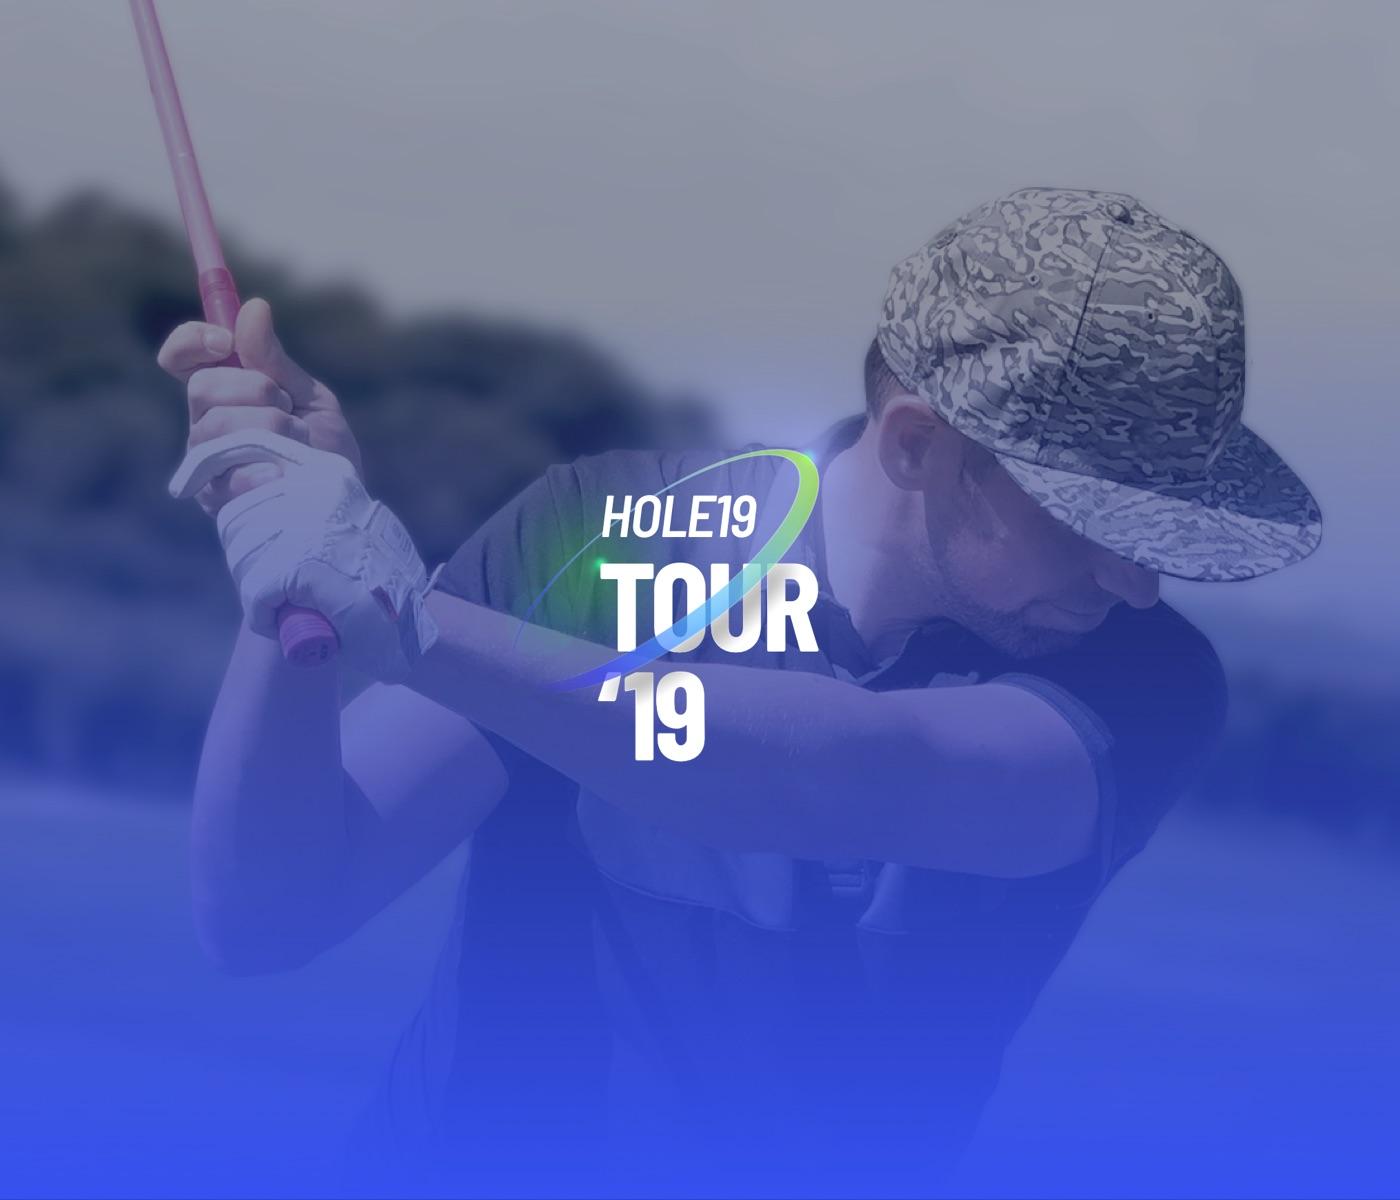 Hole19 Tour 19